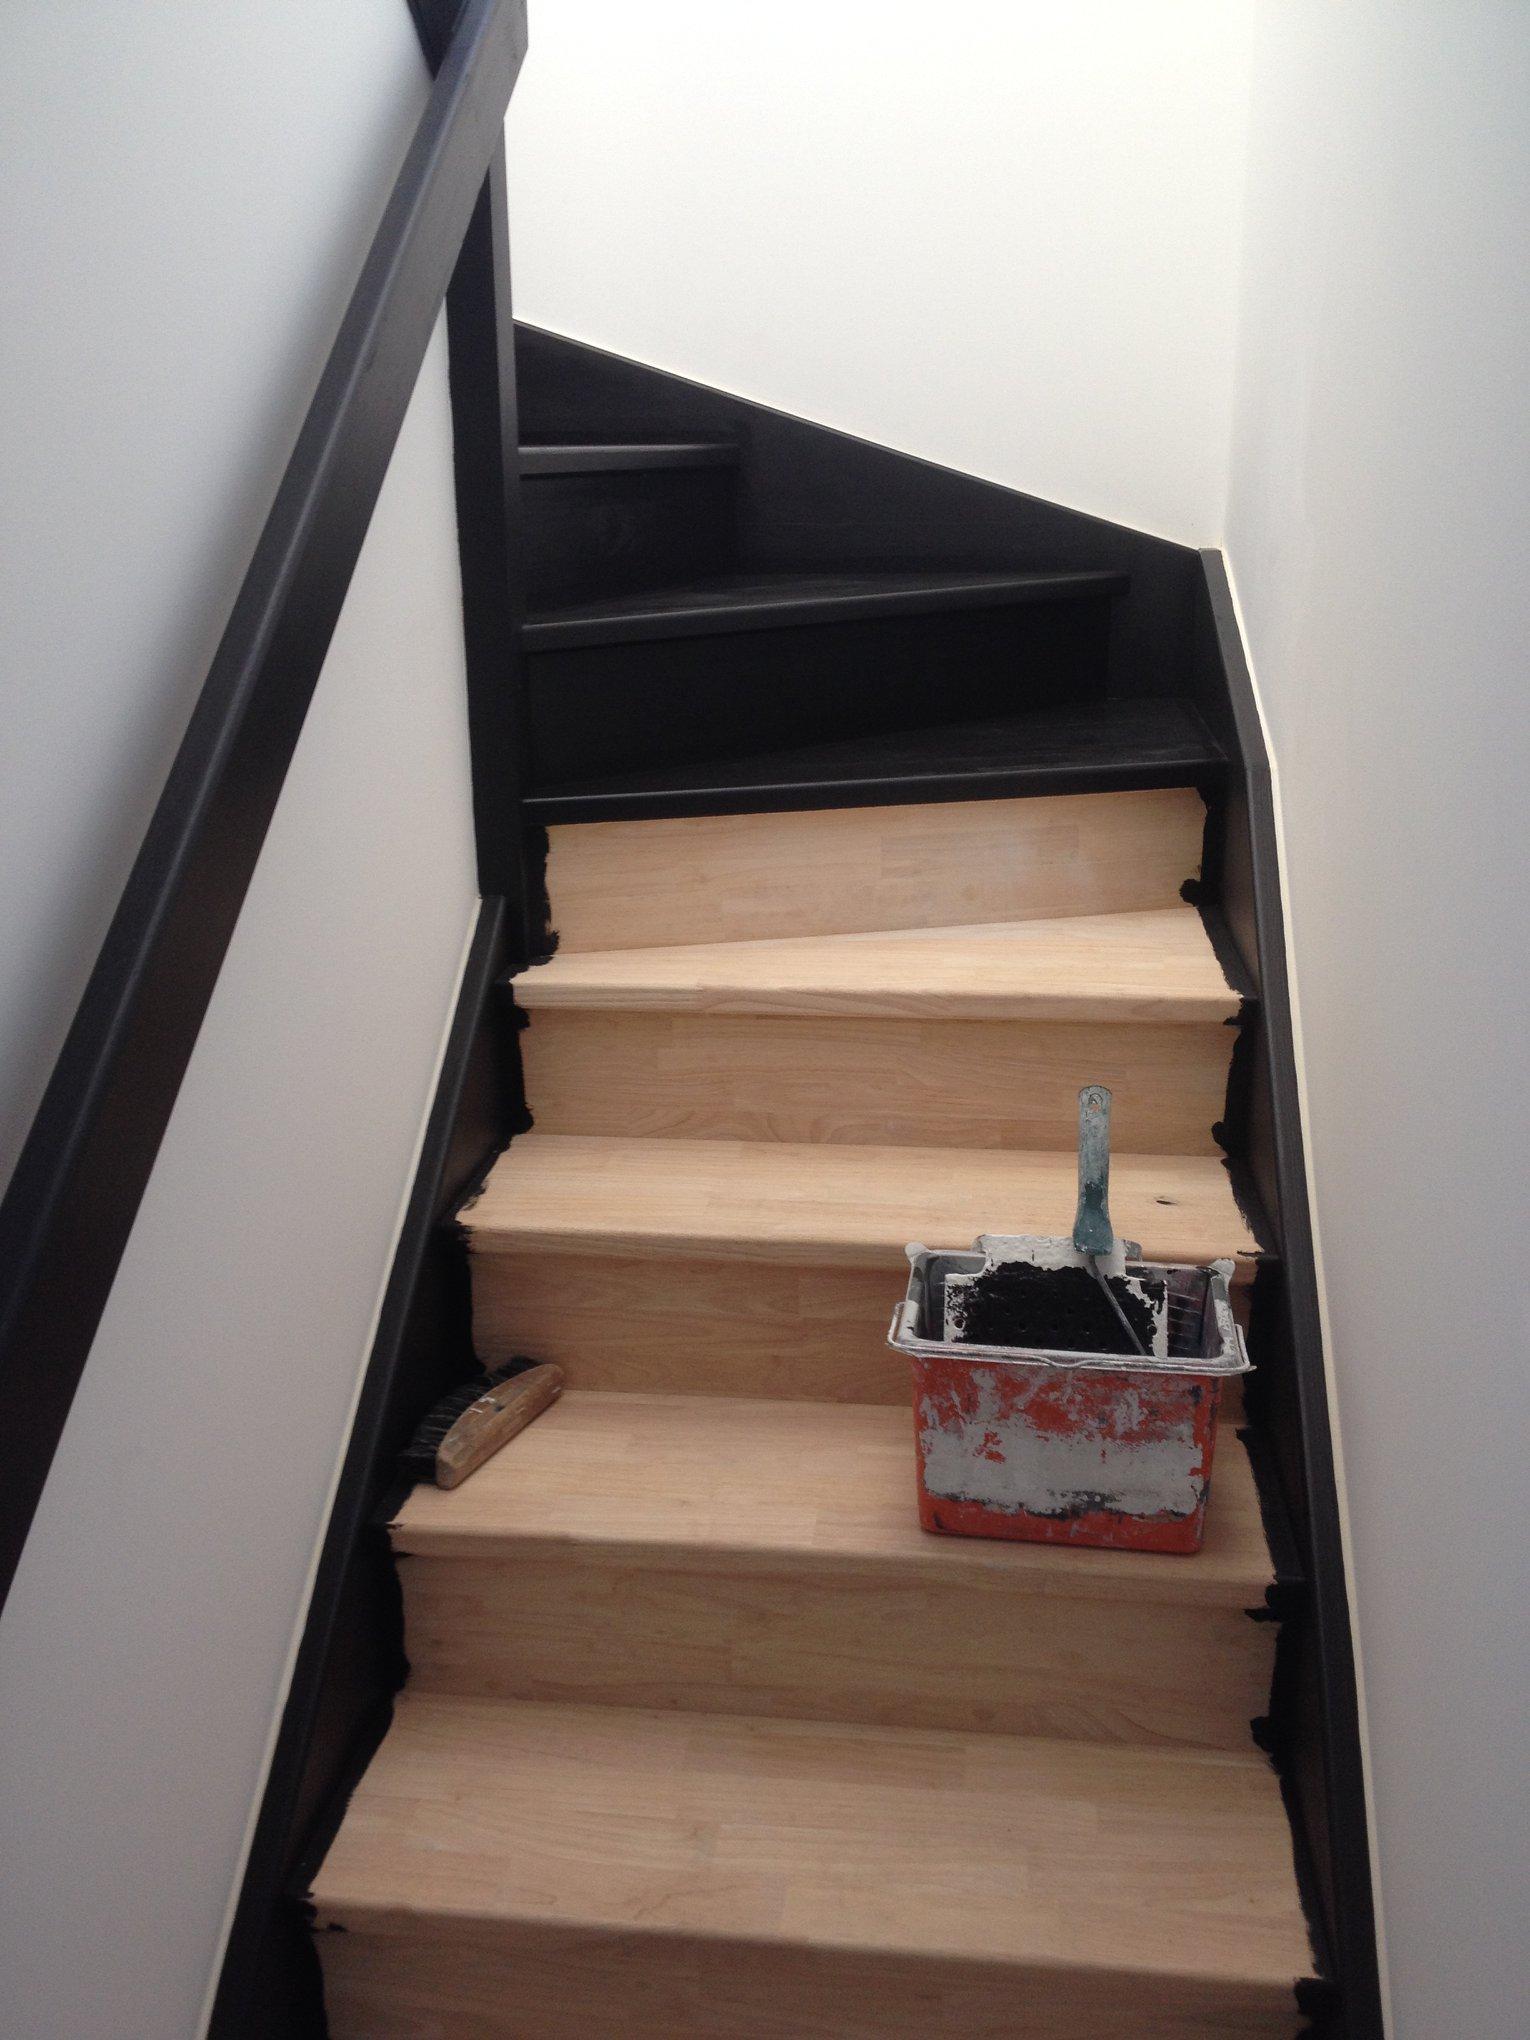 Peinture escalier - Alpes peinture multi-services, artisan à Annecy